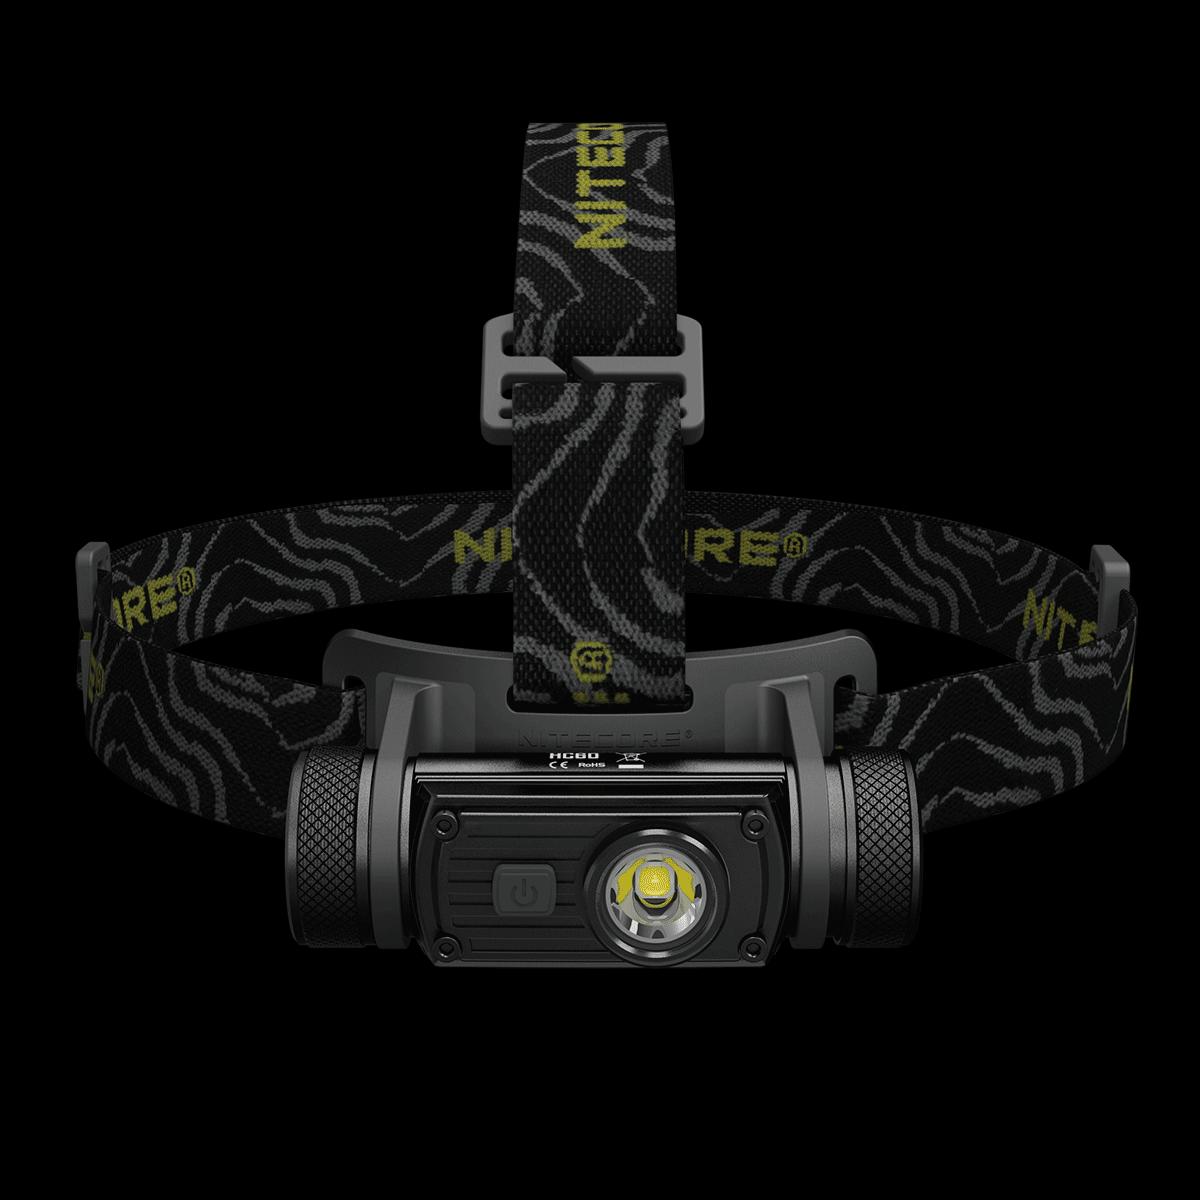 Купить Фонарь налобный Nitecore HC60 (Cree XM-L2 U2, 1000 люмен, 8 режимов, 1x18650, USB) (6-1211)